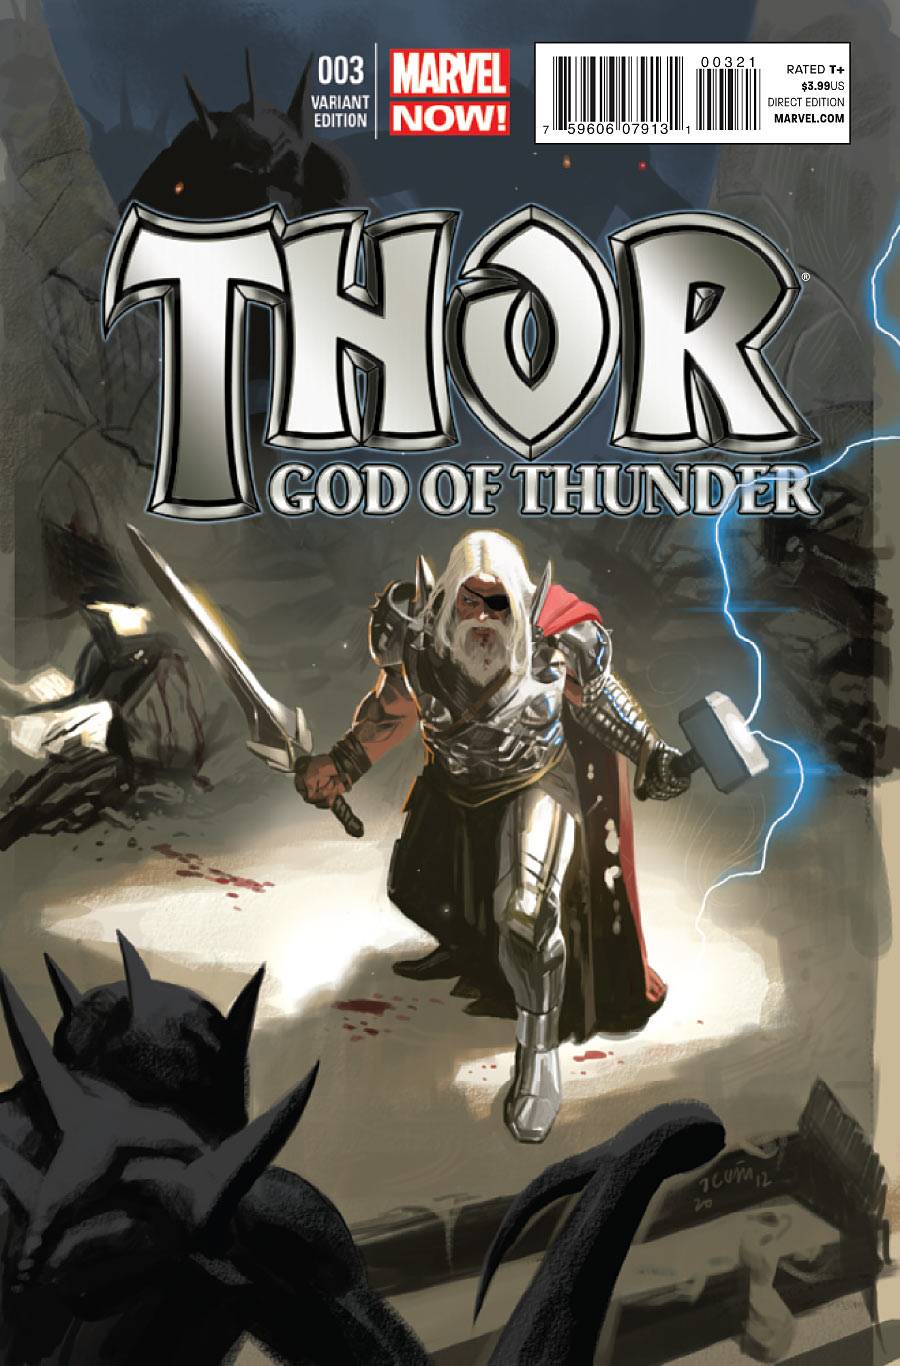 Thor: God of Thunder Vol 1 3 - Marvel Comics Database  Thor